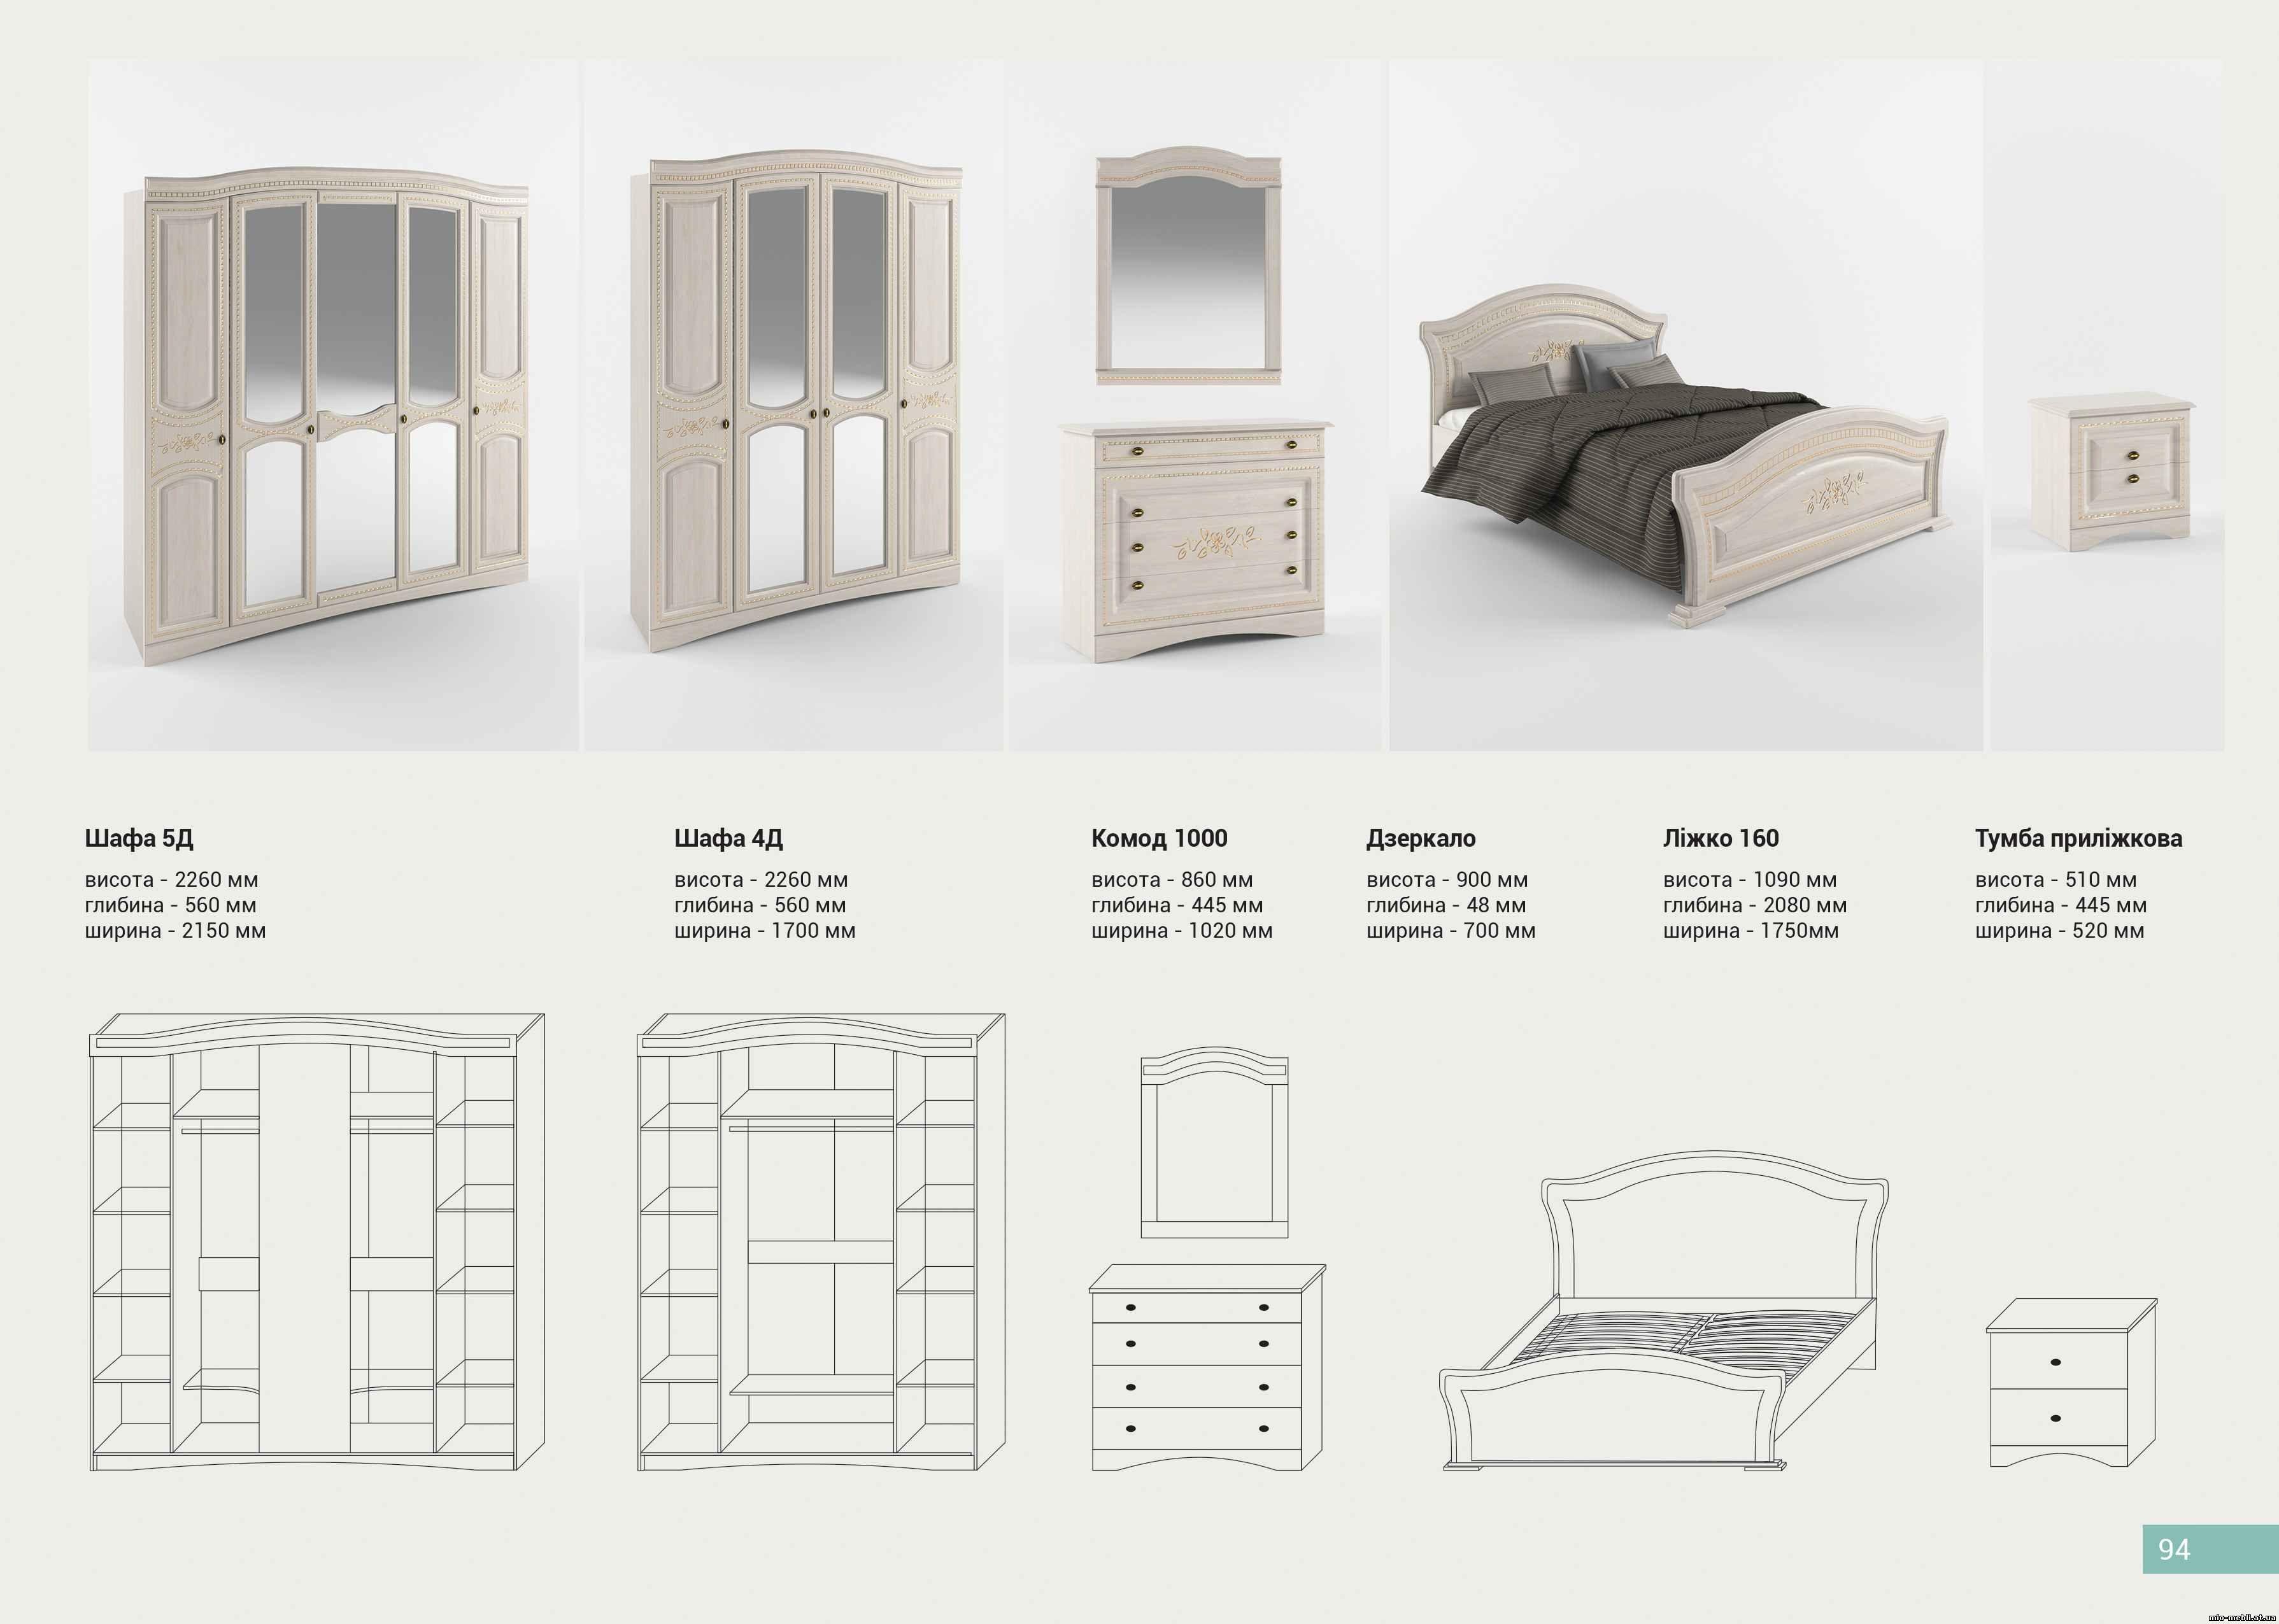 Купить спальня сокме - венера люкс киев, борисполь мебель co.